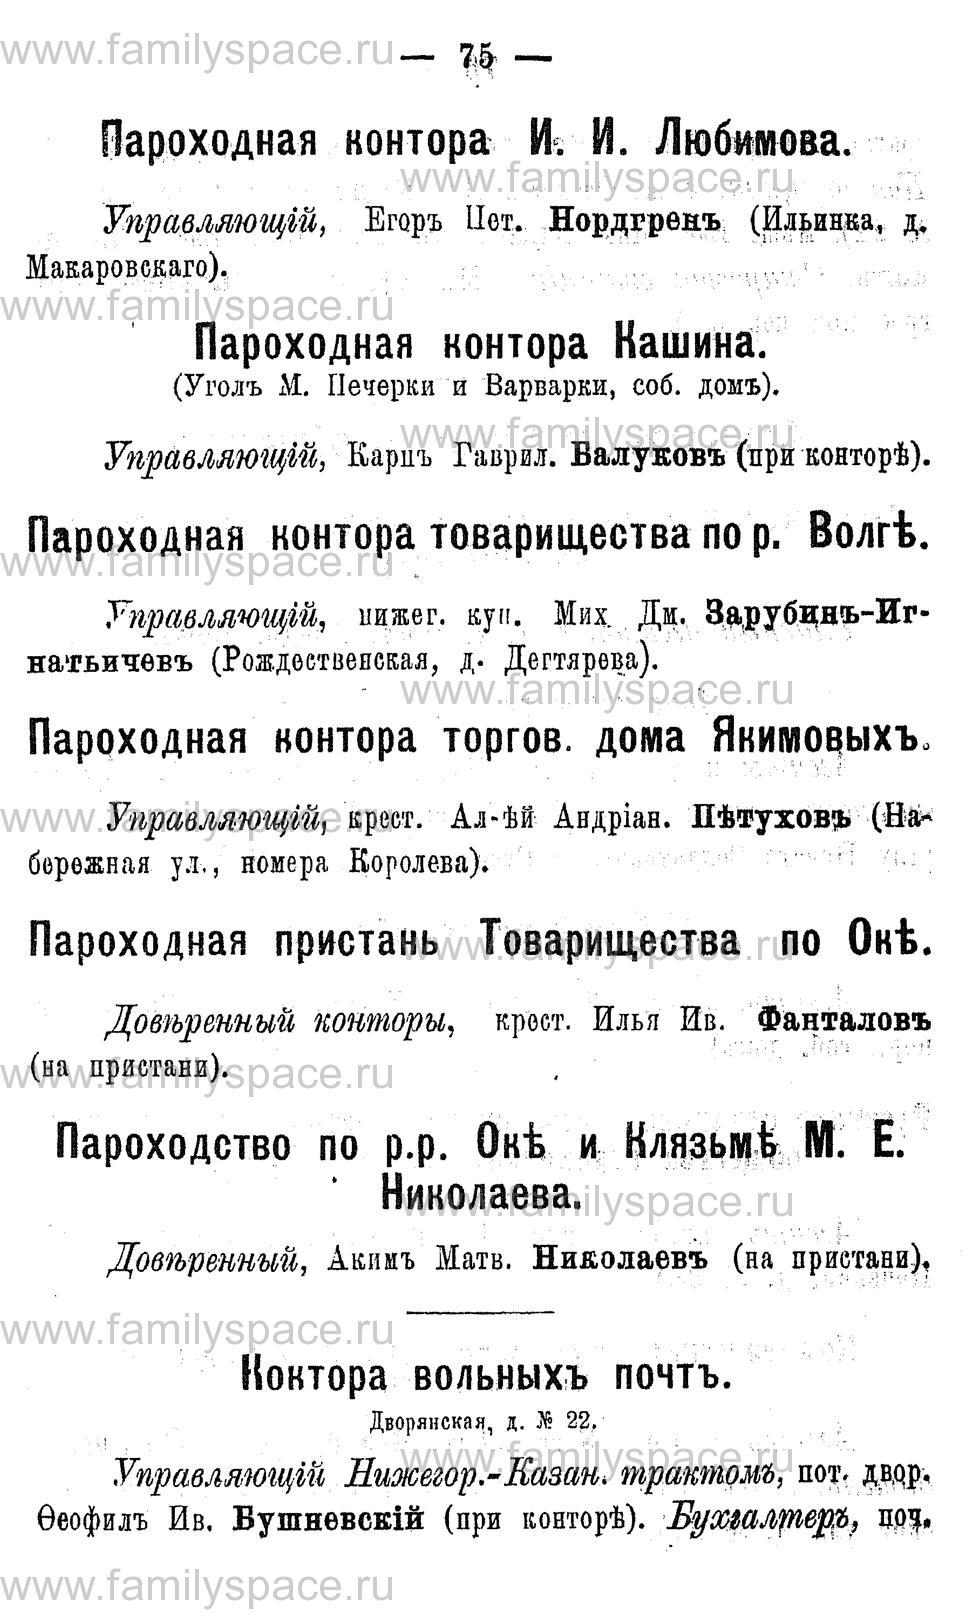 Поиск по фамилии - Адрес-календарь Нижегородской губернии на 1891 год, страница 75